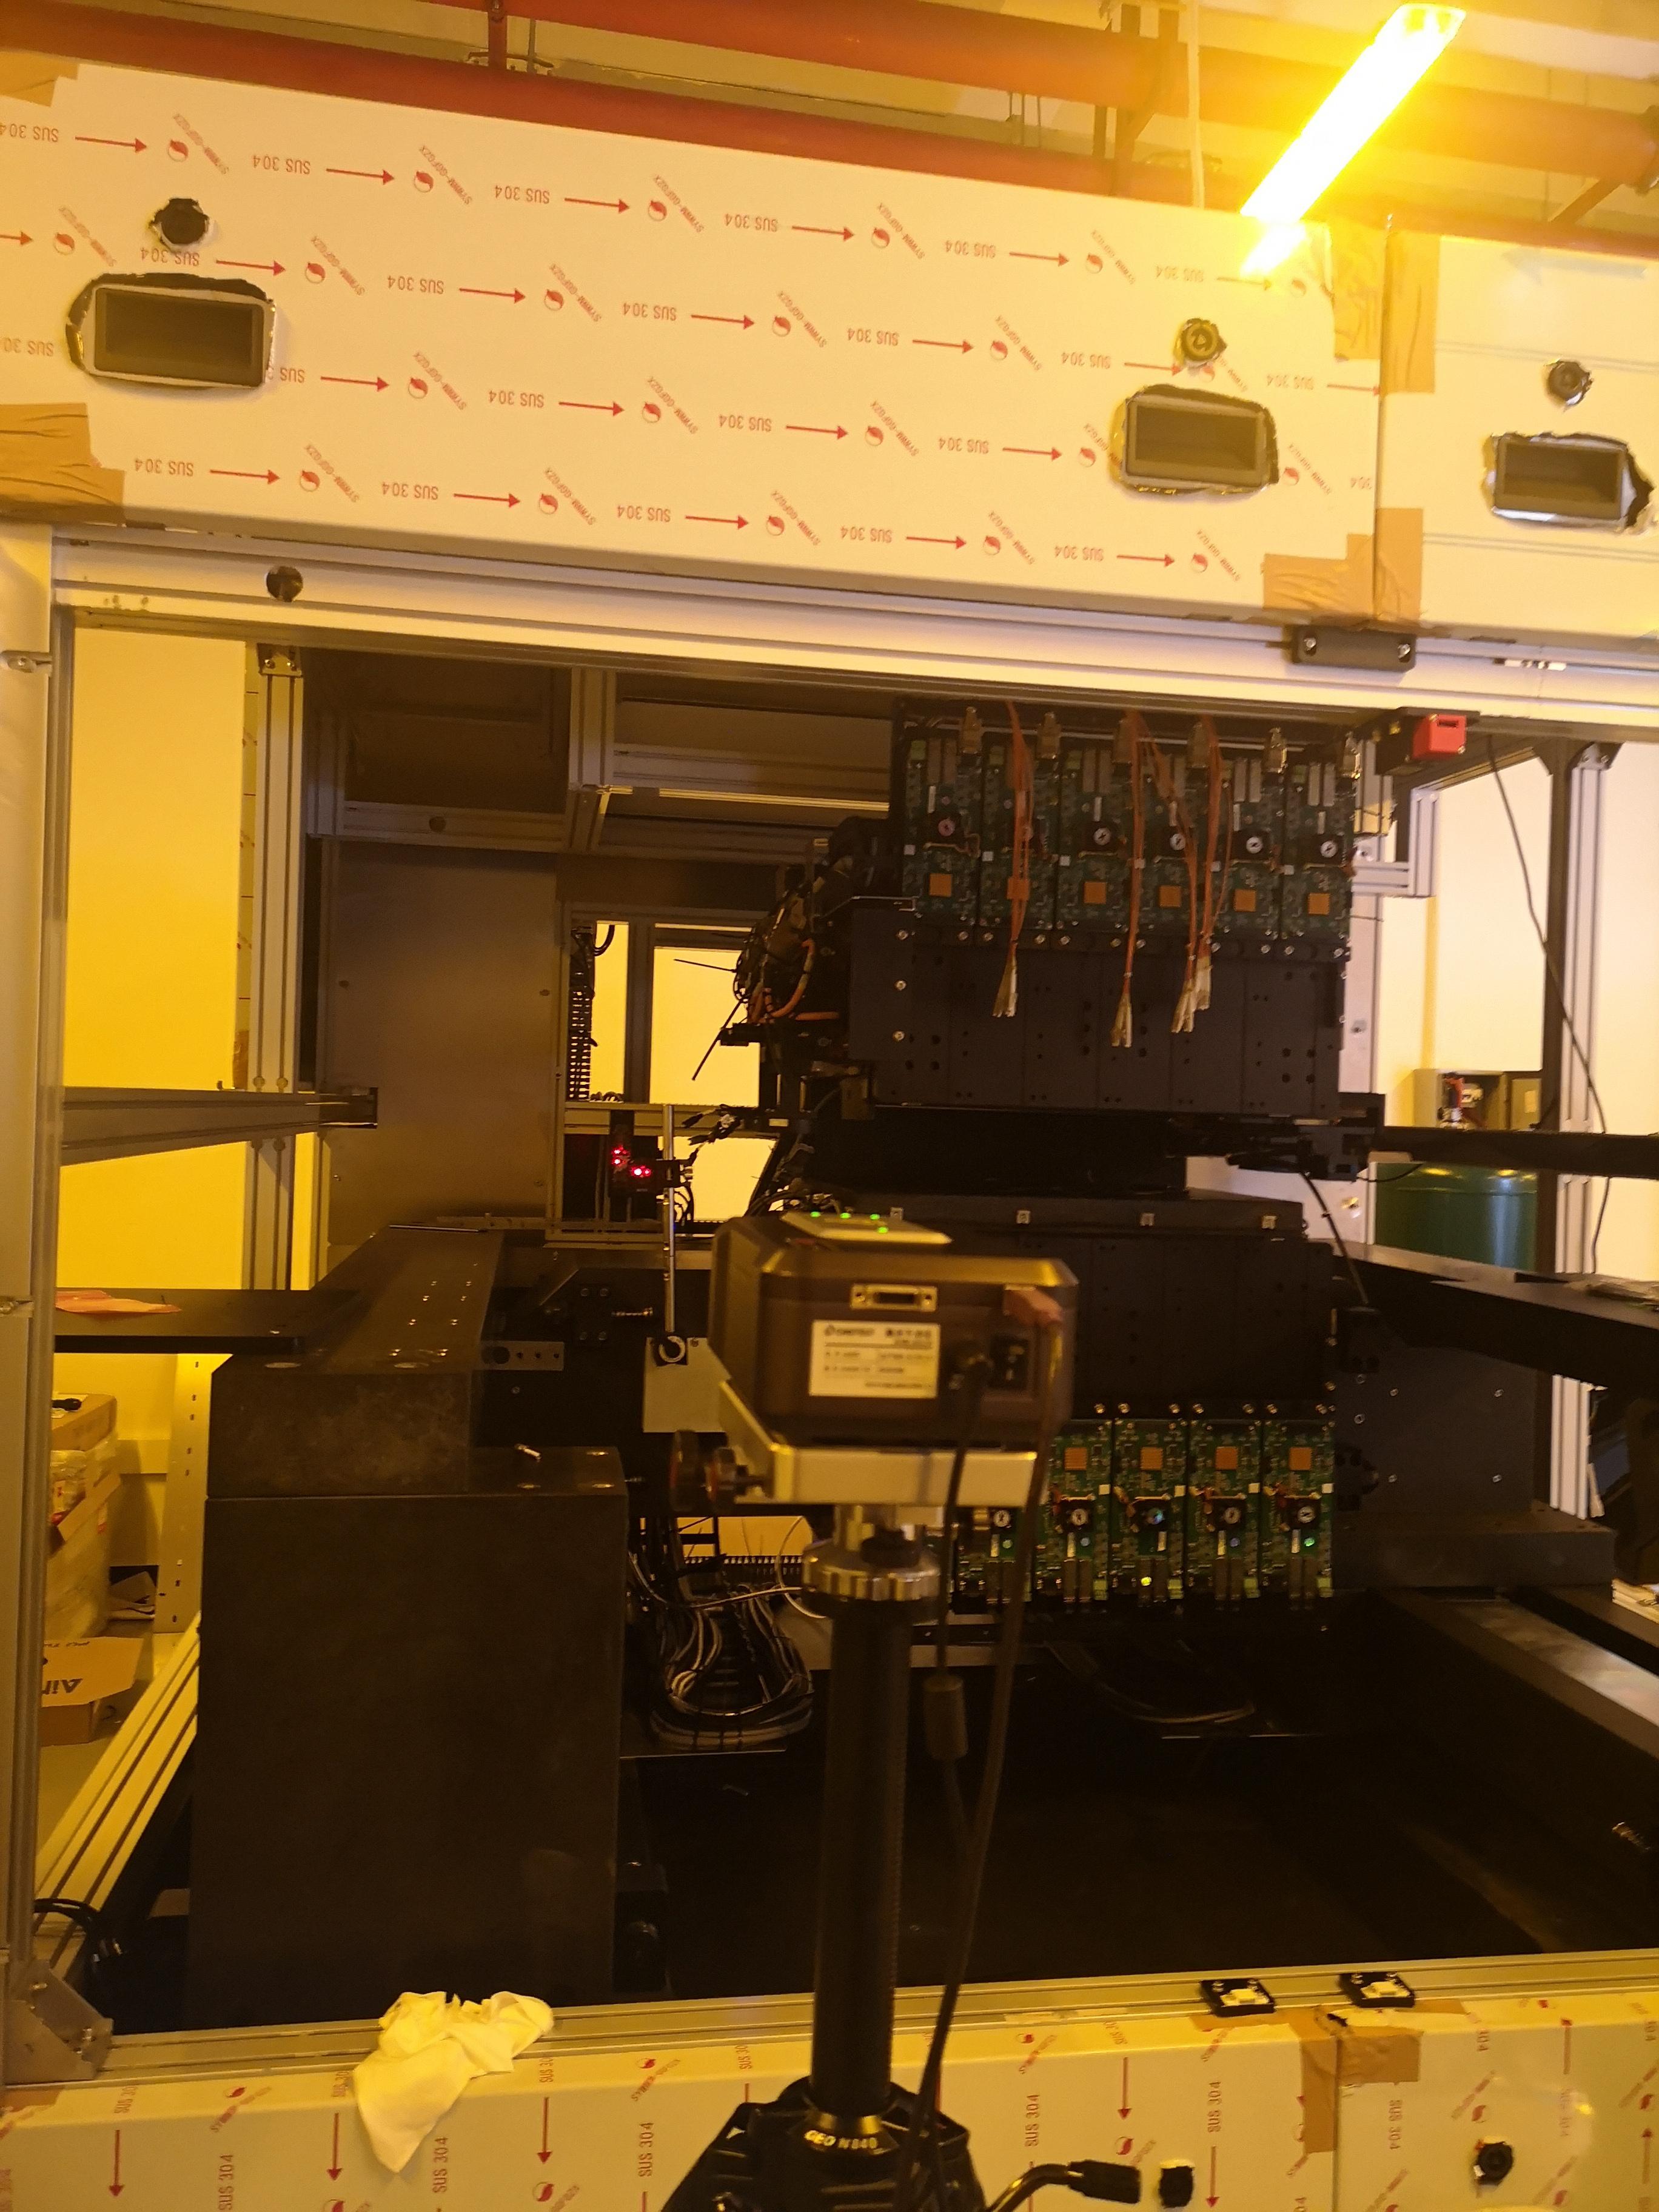 SJ6000激光干涉仪检测光刻机